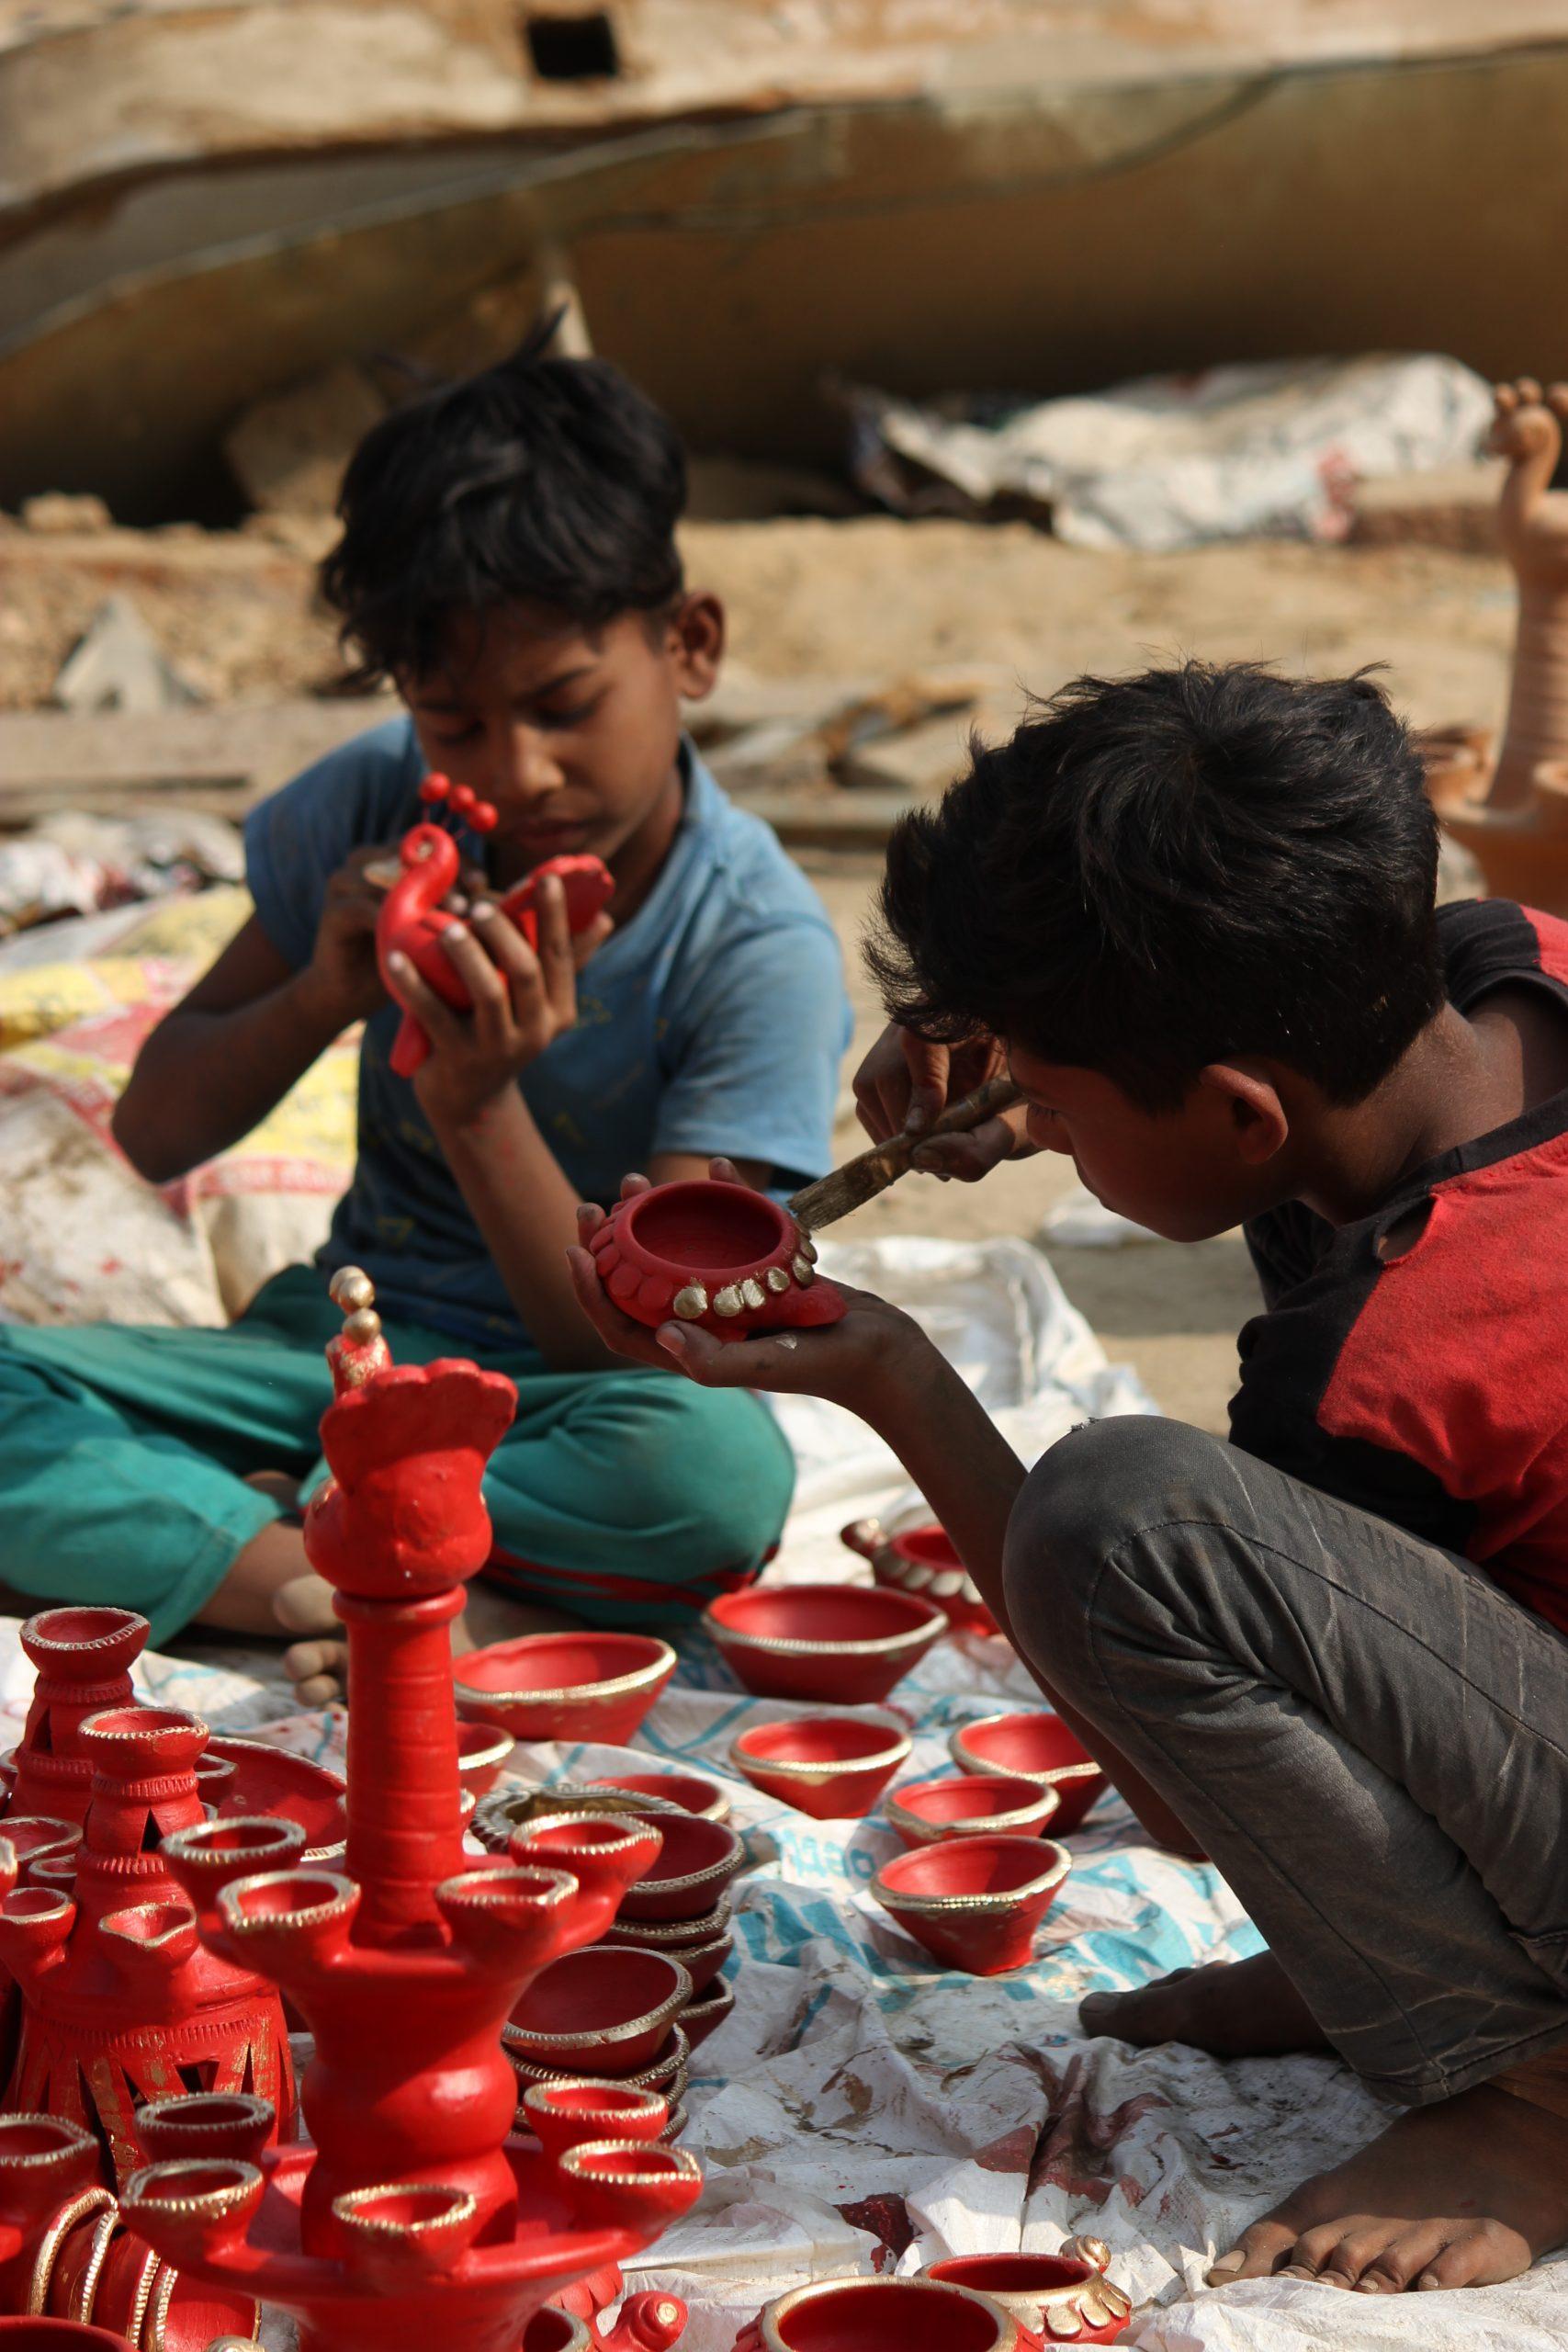 Boys designing clay pots